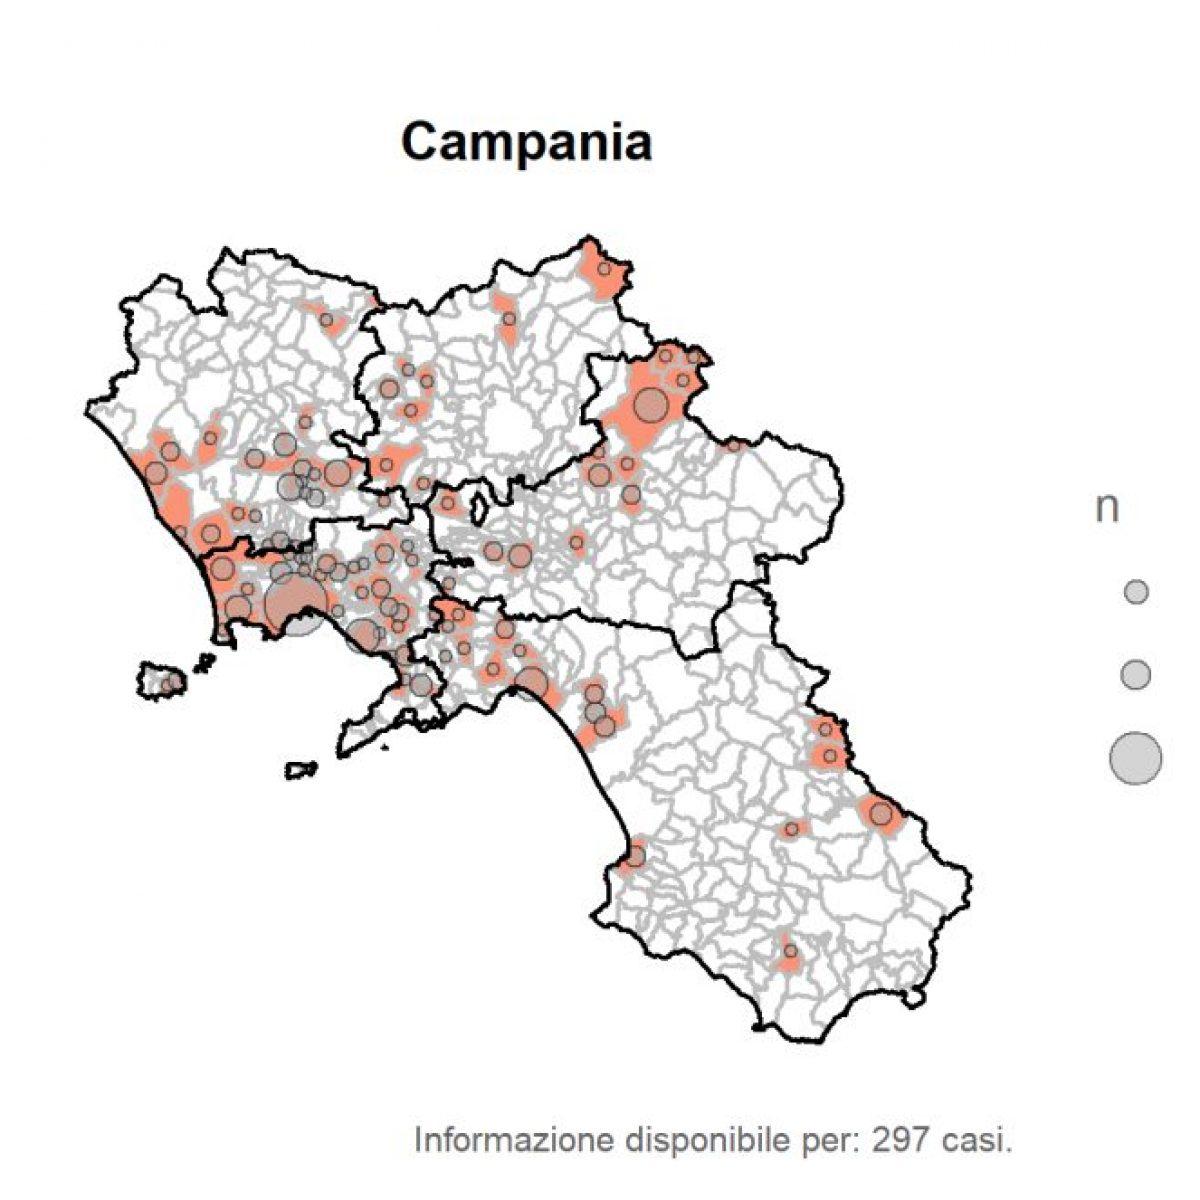 In Campania Contagiati Dal Coronavirus Piu 20enni Che 70enni